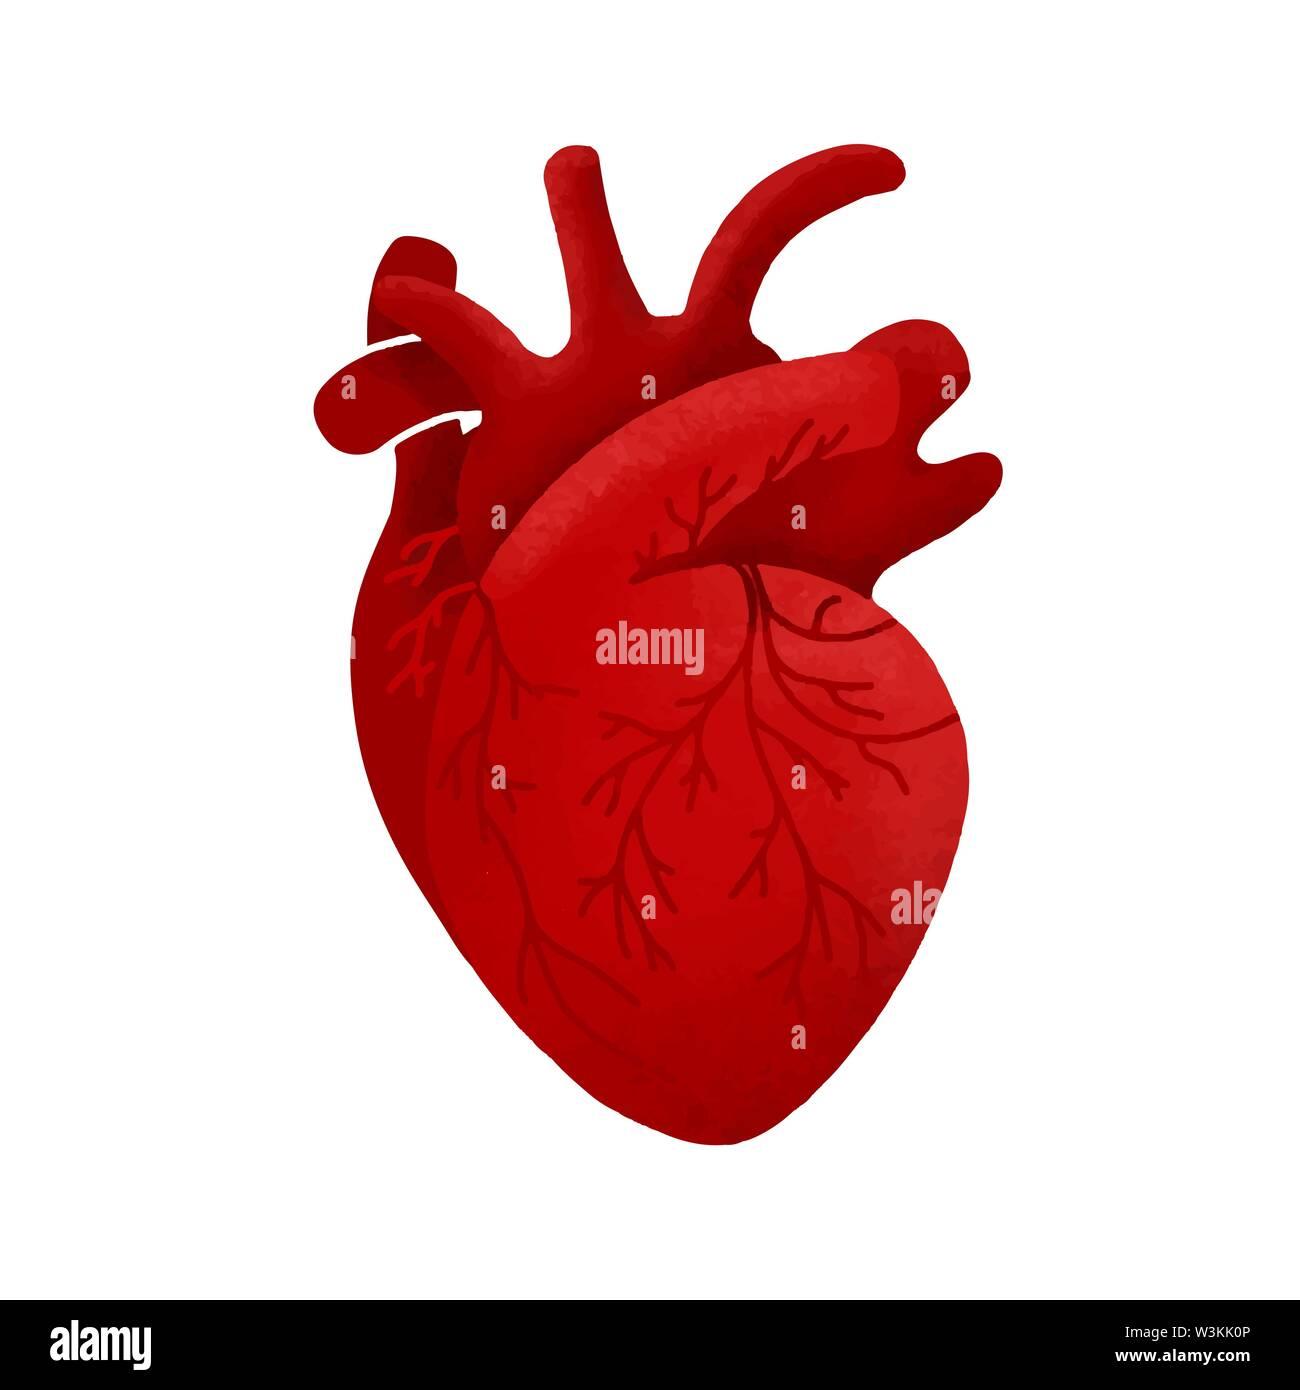 Médecine créative concept. Cœur de l'homme anatomique design dessin animé dans l'icône de style plate illustration vectorielle avec ombres isolé sur fond blanc. Photo Stock